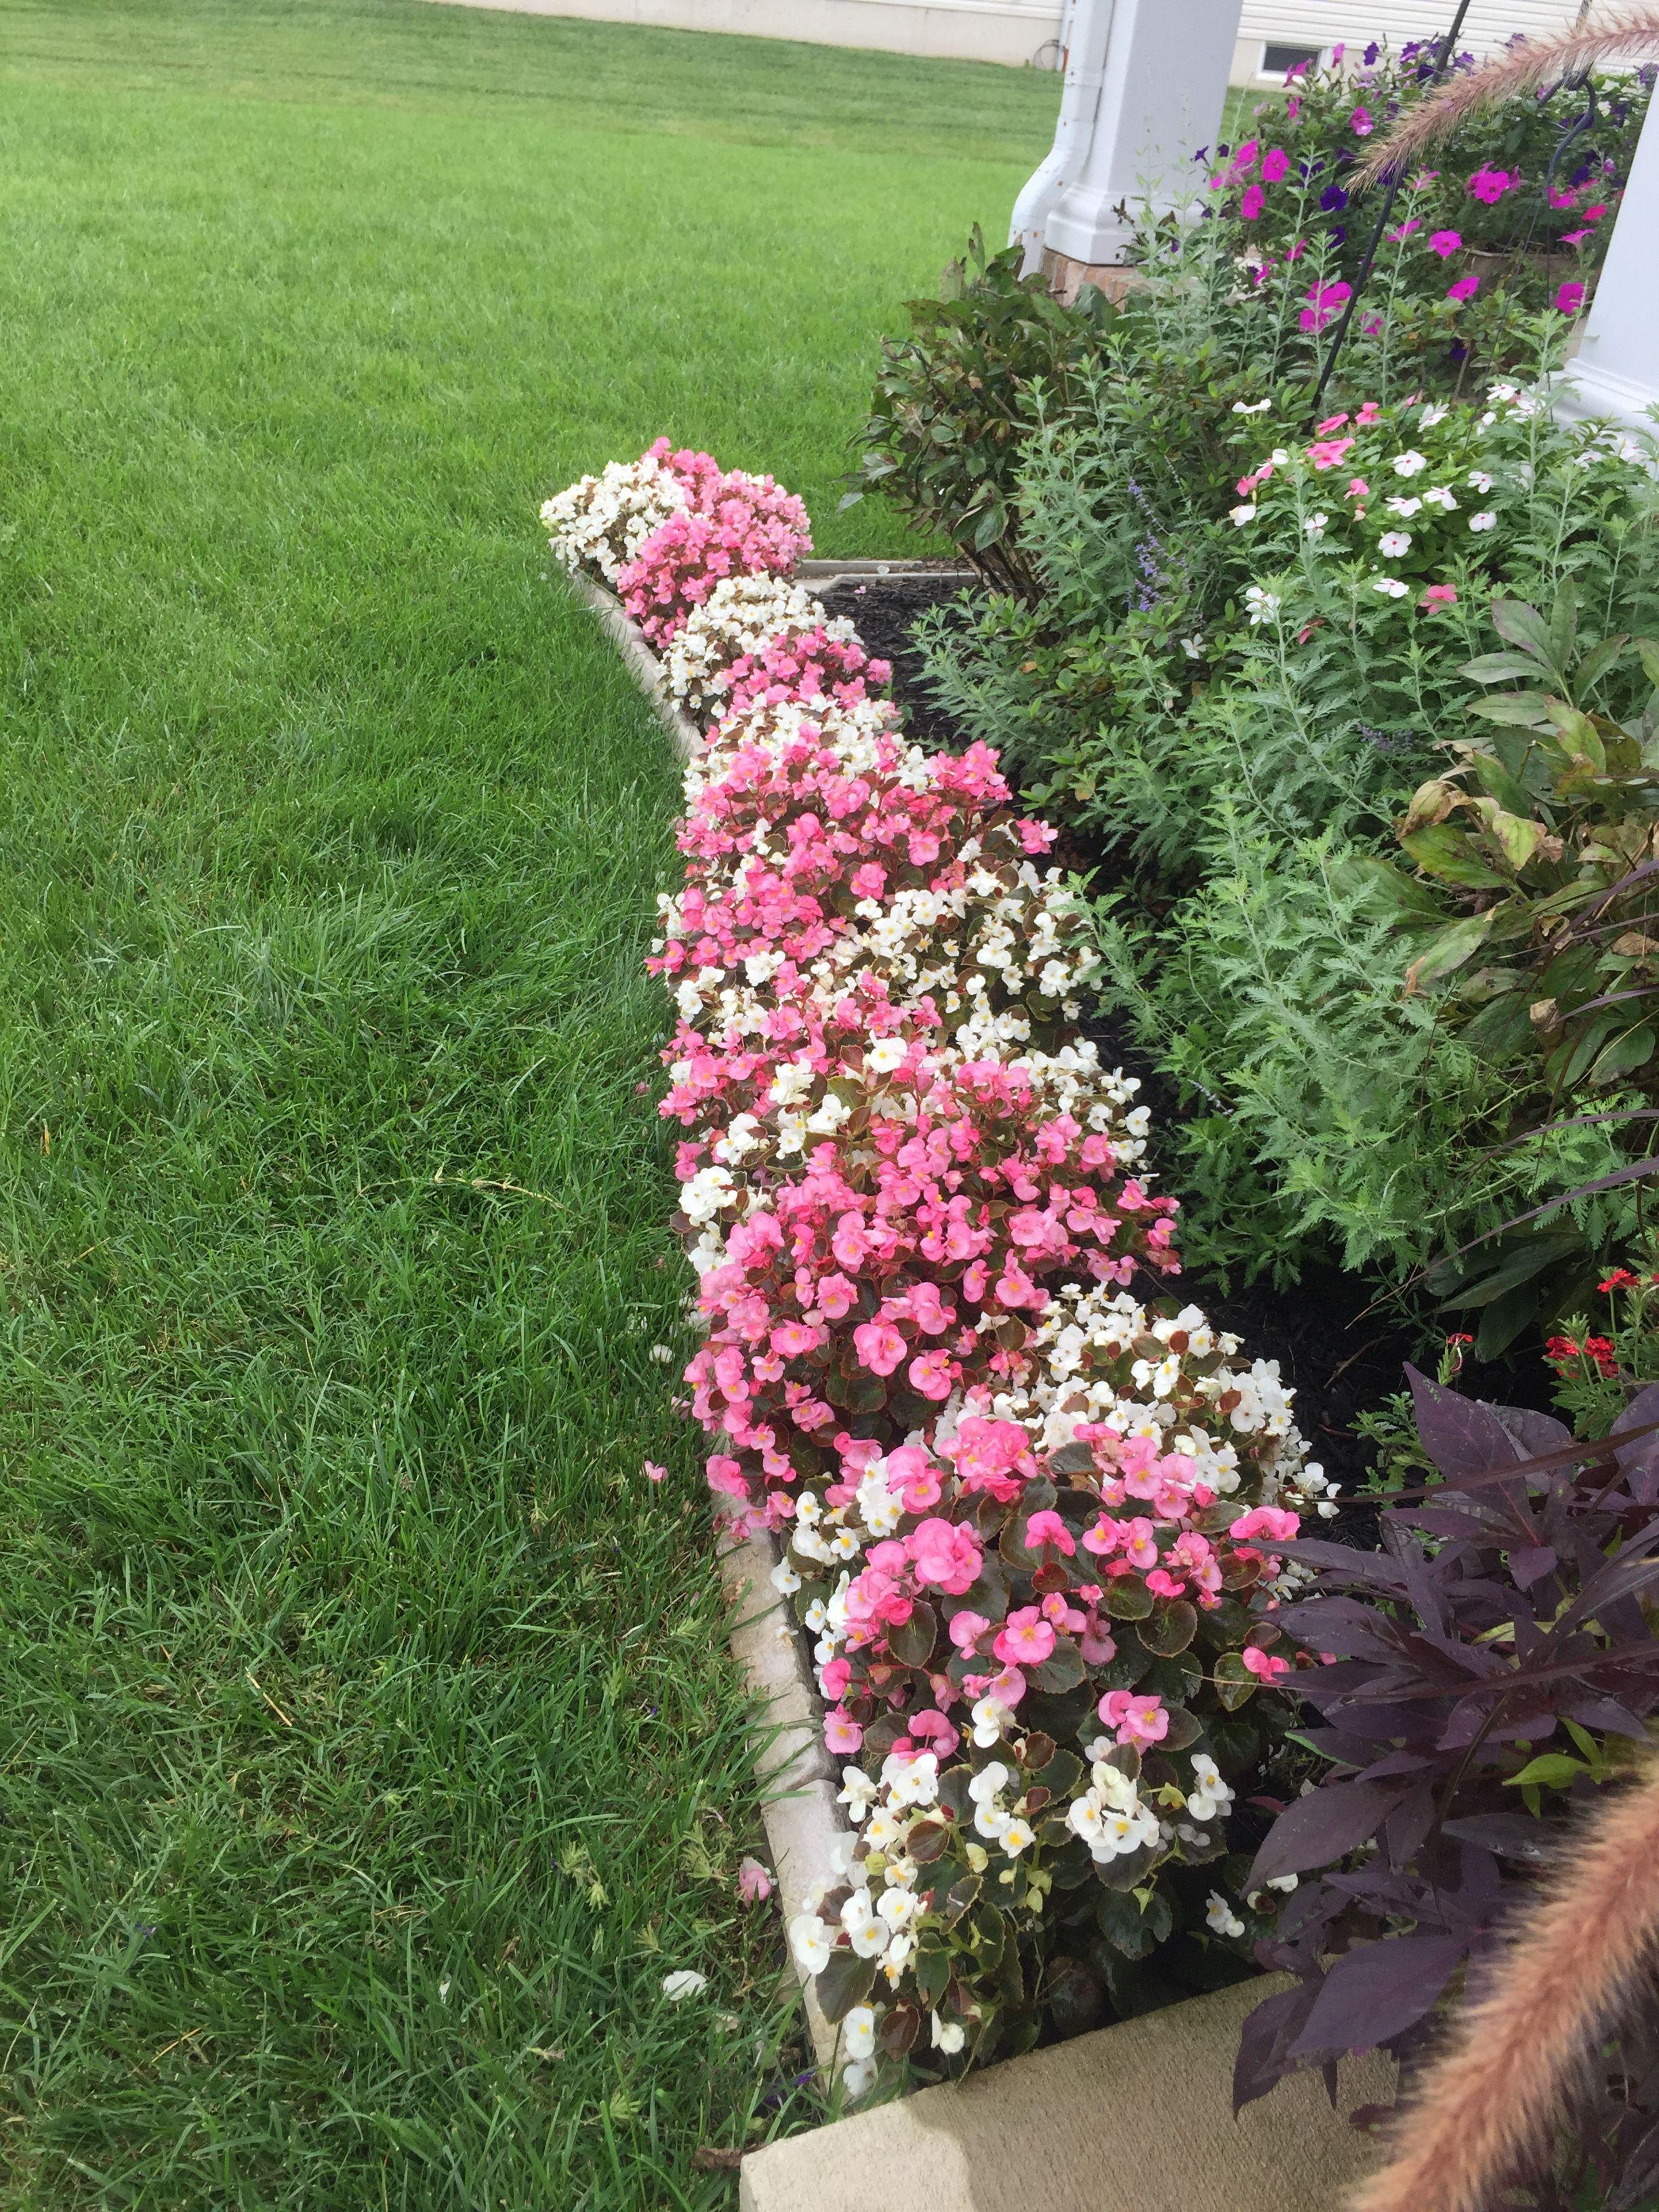 White and pink begonia garden edge. August garden